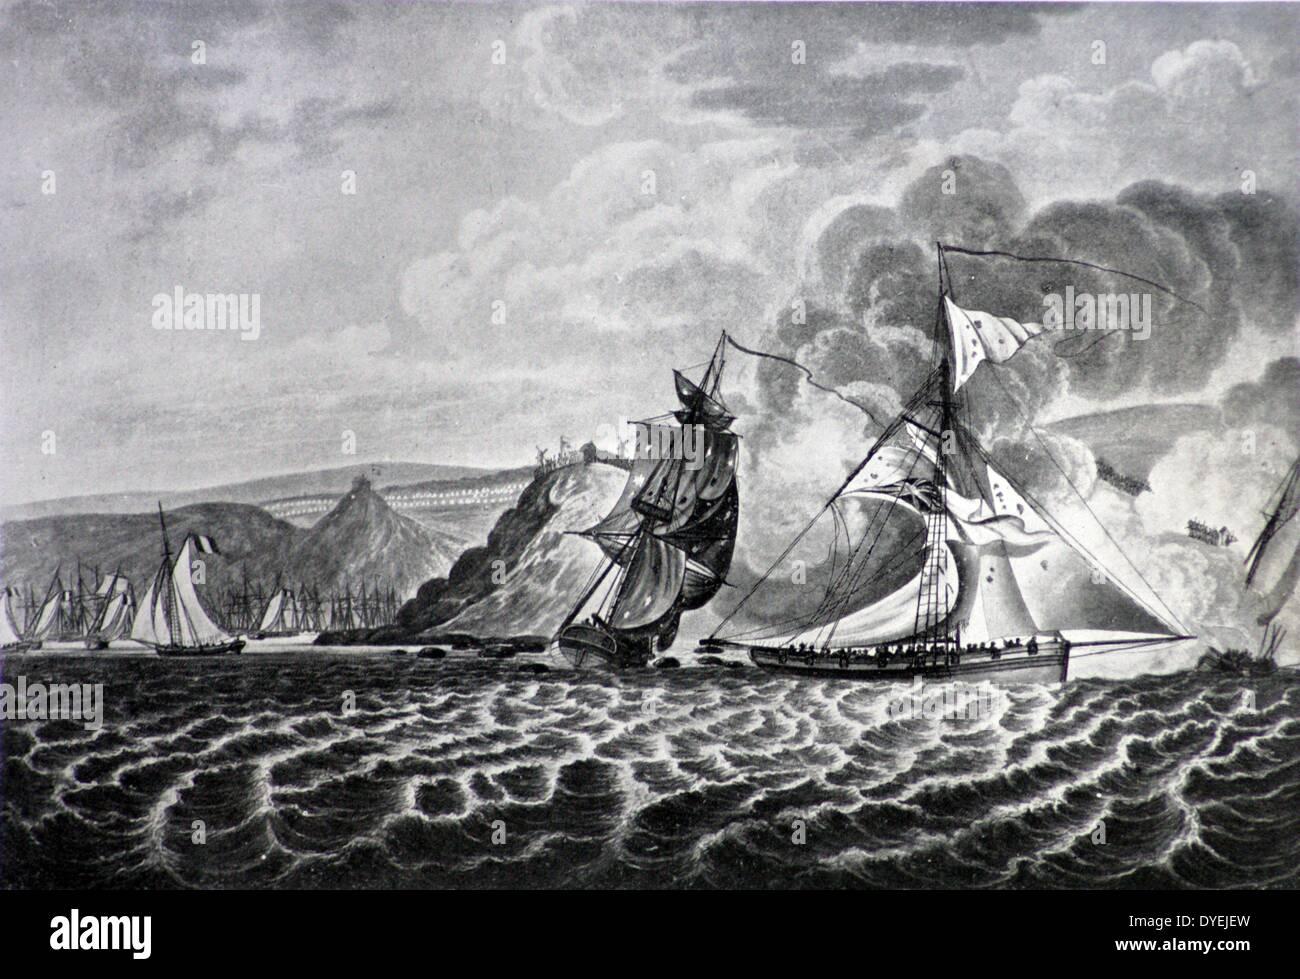 El Almirante Mitchell en Boulogne 1853. La nave sirvió en dos contratos para la Marina Real como un cortador armados contratados o goleta, uno al final de las guerras revolucionarias francesas y la segunda al comienzo de las guerras napoleónicas. Ha participado en varios importantes compromisos y pequeñas acciones. En 1806 el Almirantazgo comprado y se la llevó a su servicio como Sir Andrew Mitchell en 1807. Foto de stock